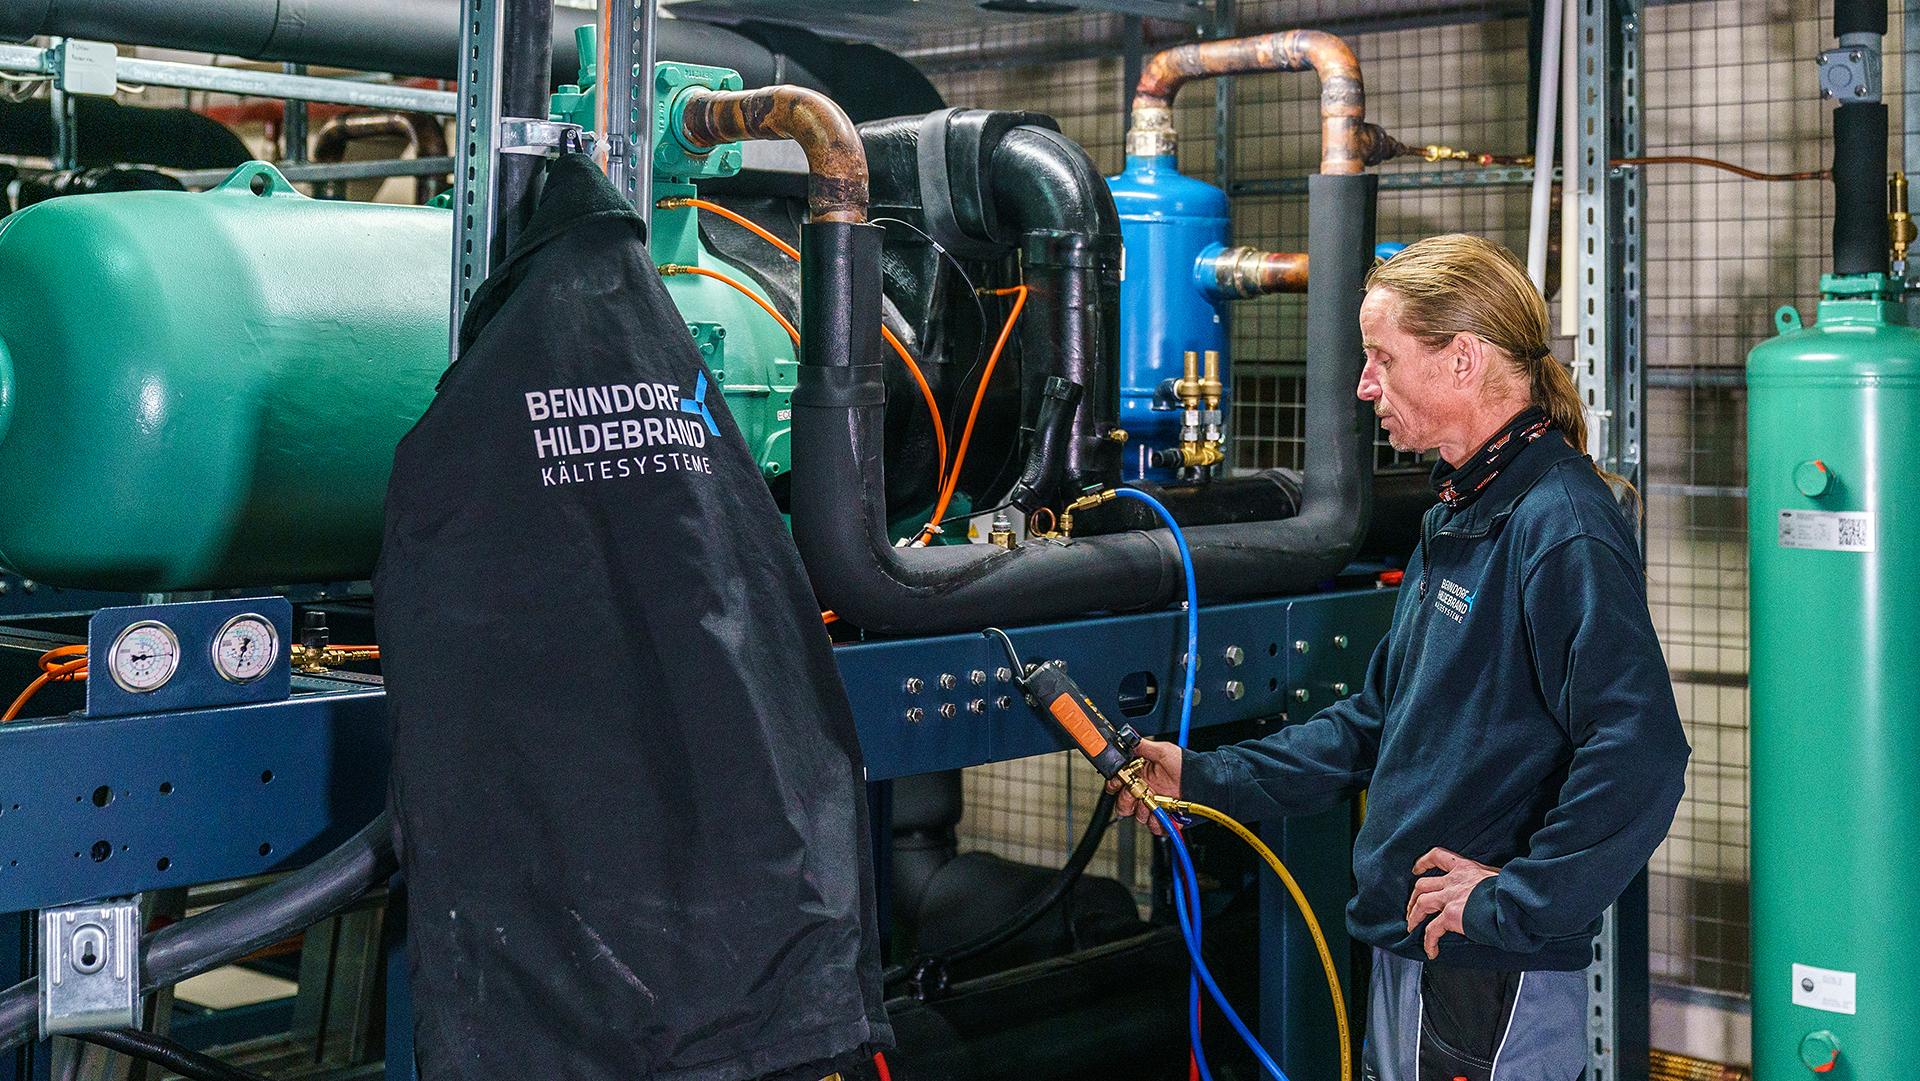 Wartung und Service, Klimatechnik & Servicemitarbeiter